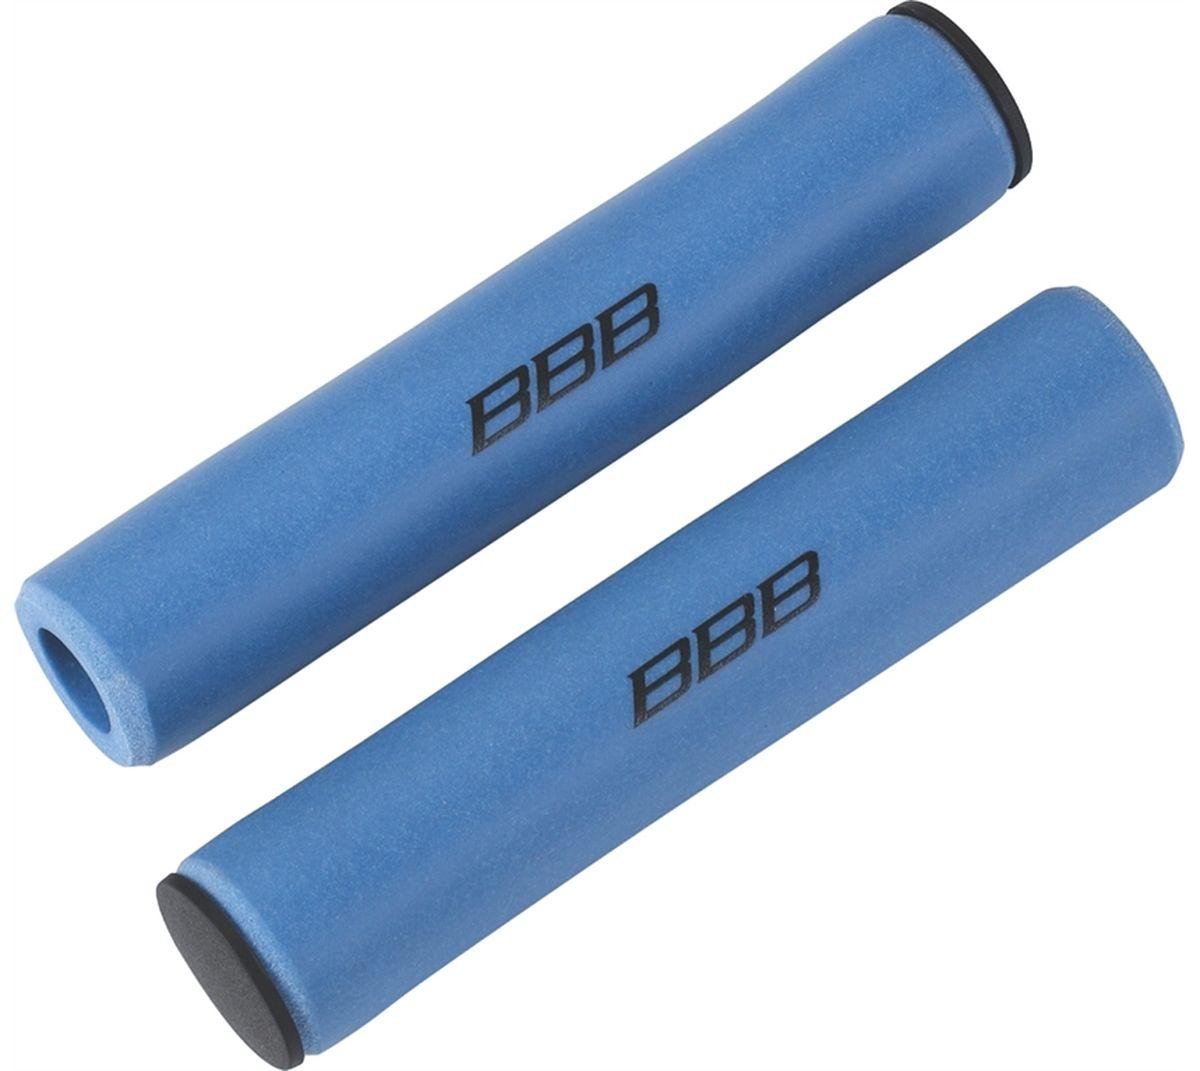 Грипсы BBB Sticky, цвет: синий, 13 см, 2 шт. BHG-34Z90 blackЛегкие и комфортные грипсы BBB Sticky имеют вибро- и ударопоглощающими свойства. Они предназначены для более удобного управления велосипедом. Силиконовое покрытие обеспечивает прекрасное сцепление с перчатками.Заглушки руля в комплекте.Длина грипс: 13 см.Вес: 49 г.